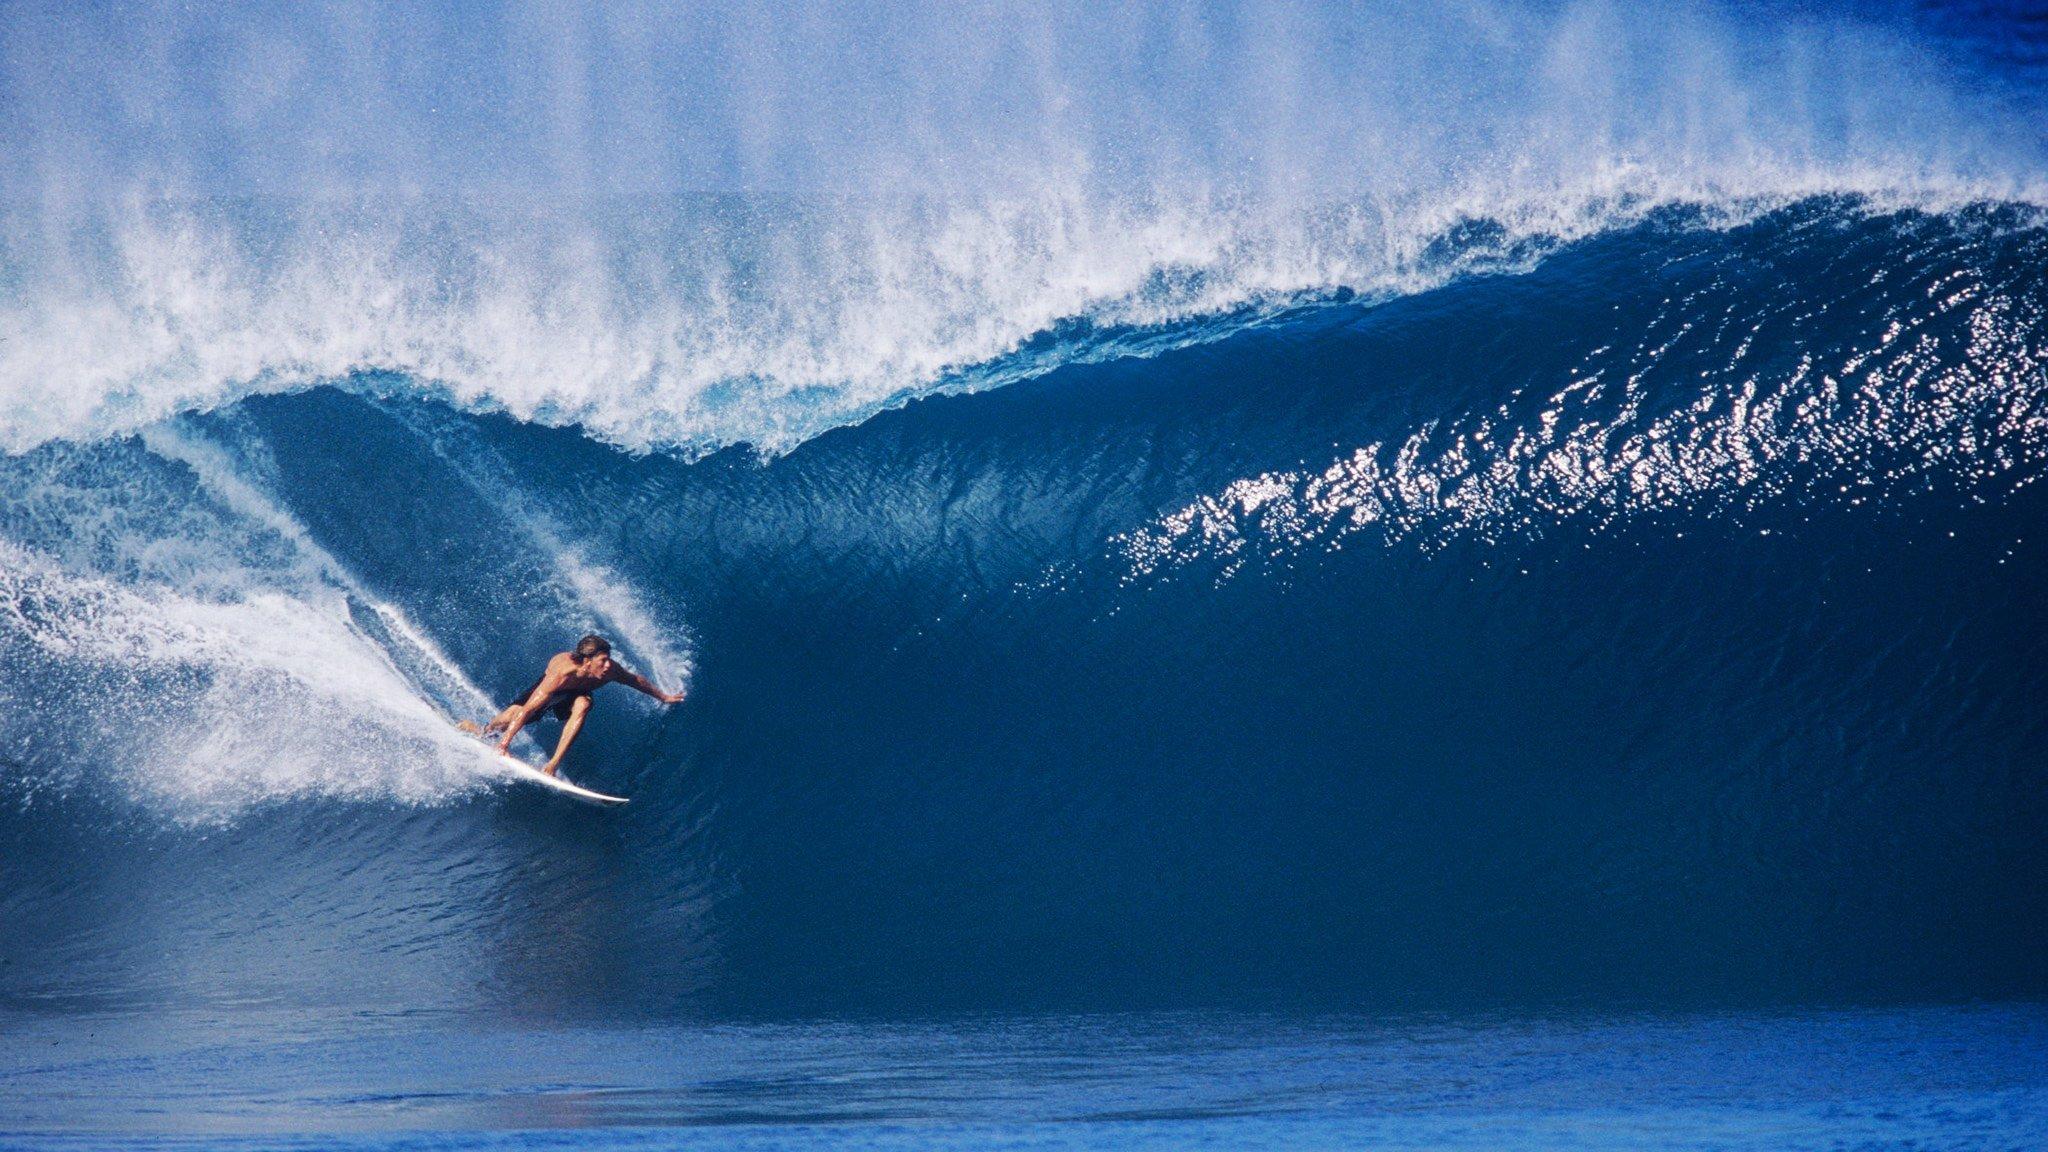 Всемирная лига серфинга